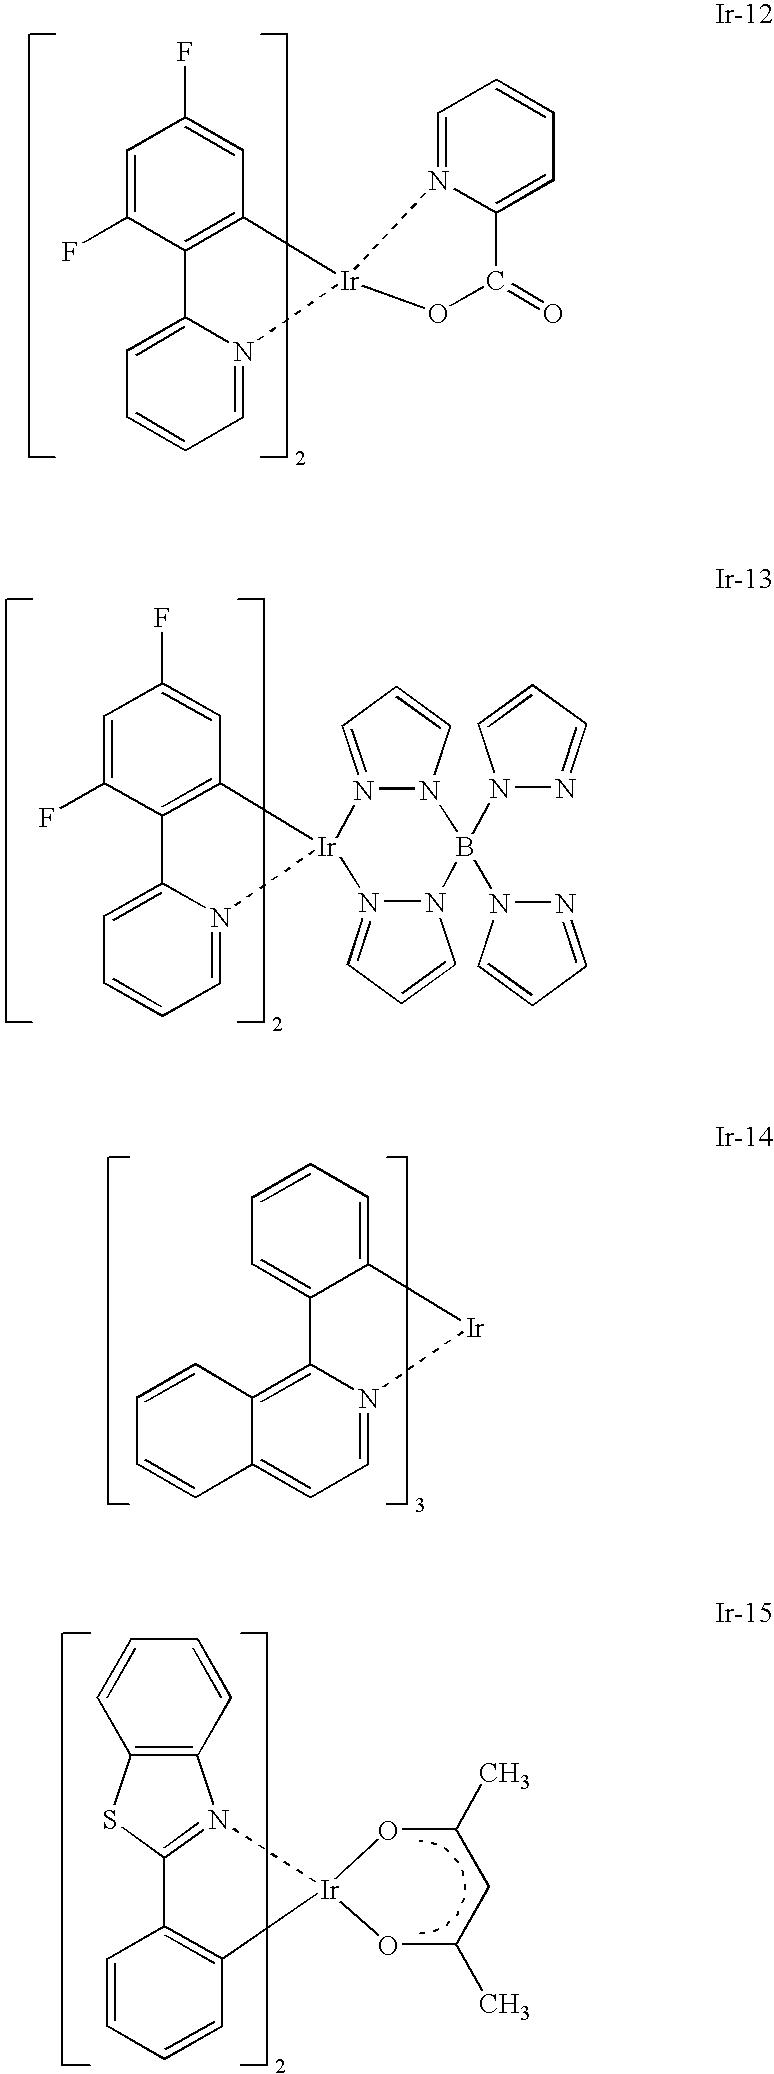 Figure US08053765-20111108-C00018